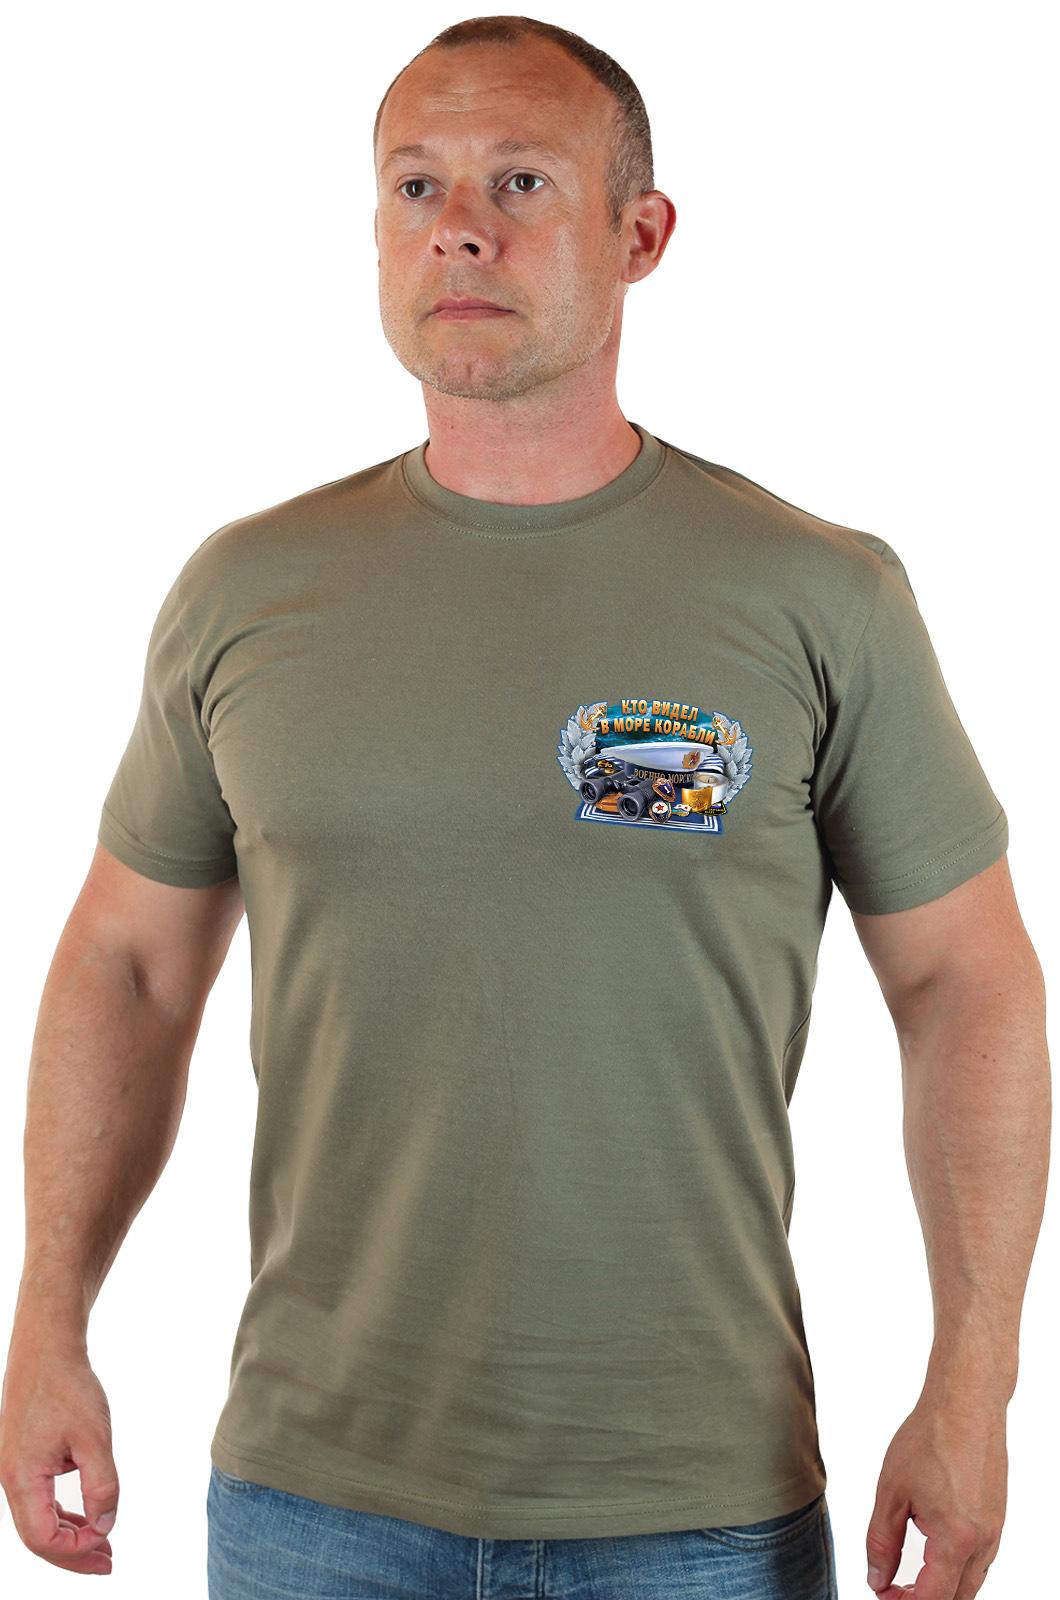 Мужская футболка олива Кто видел в море корабли